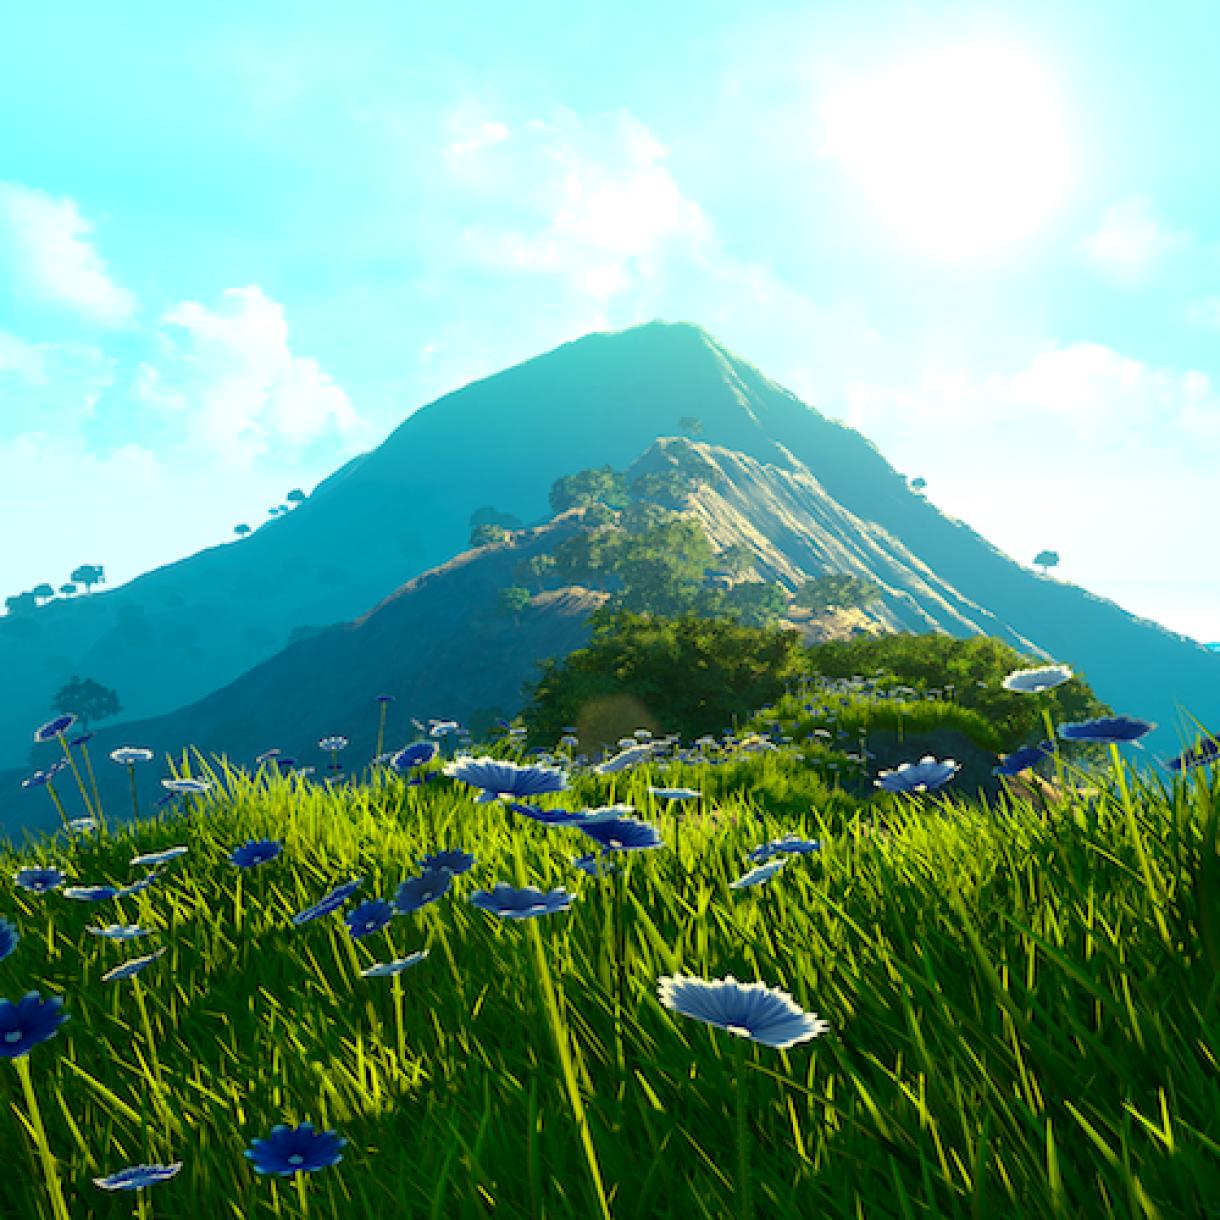 Epic Landscape Production